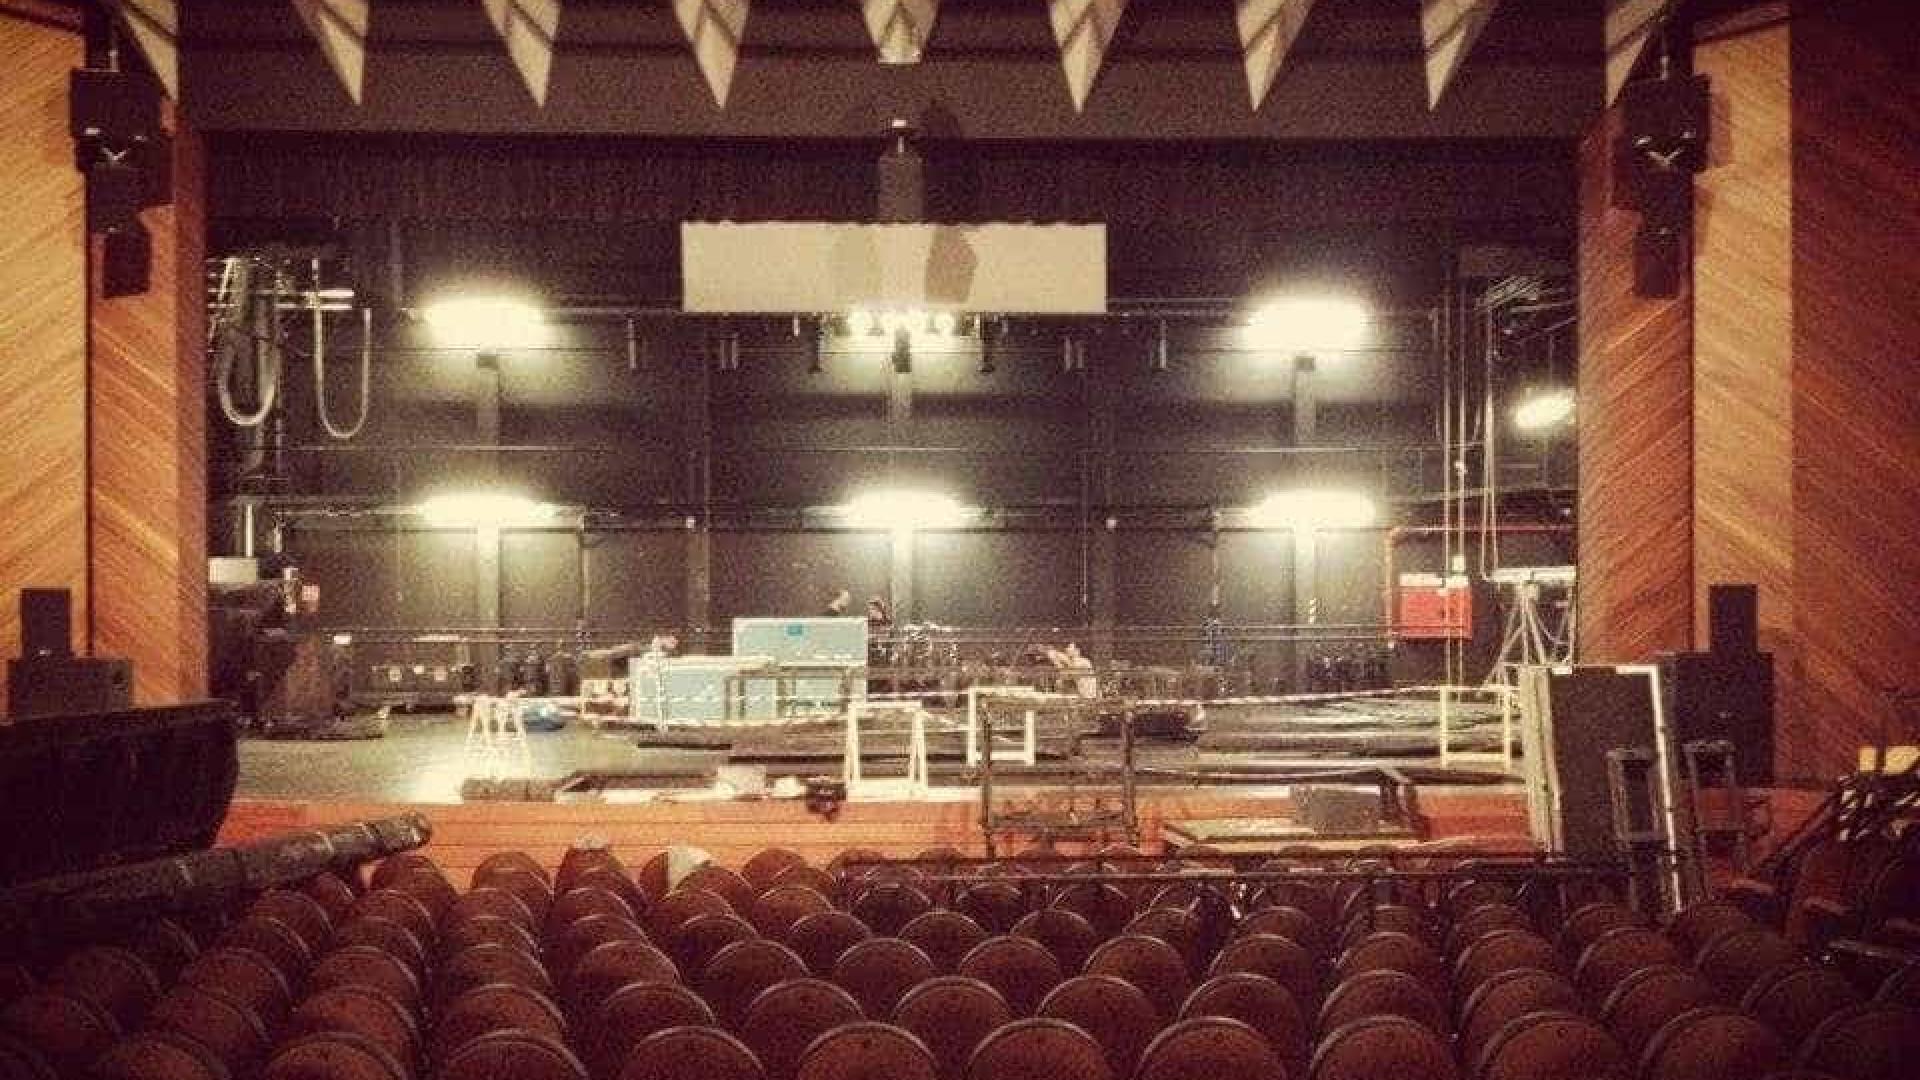 Teatro Maria Matos em Lisboa cumpre hoje 50 anos de portas fechadas